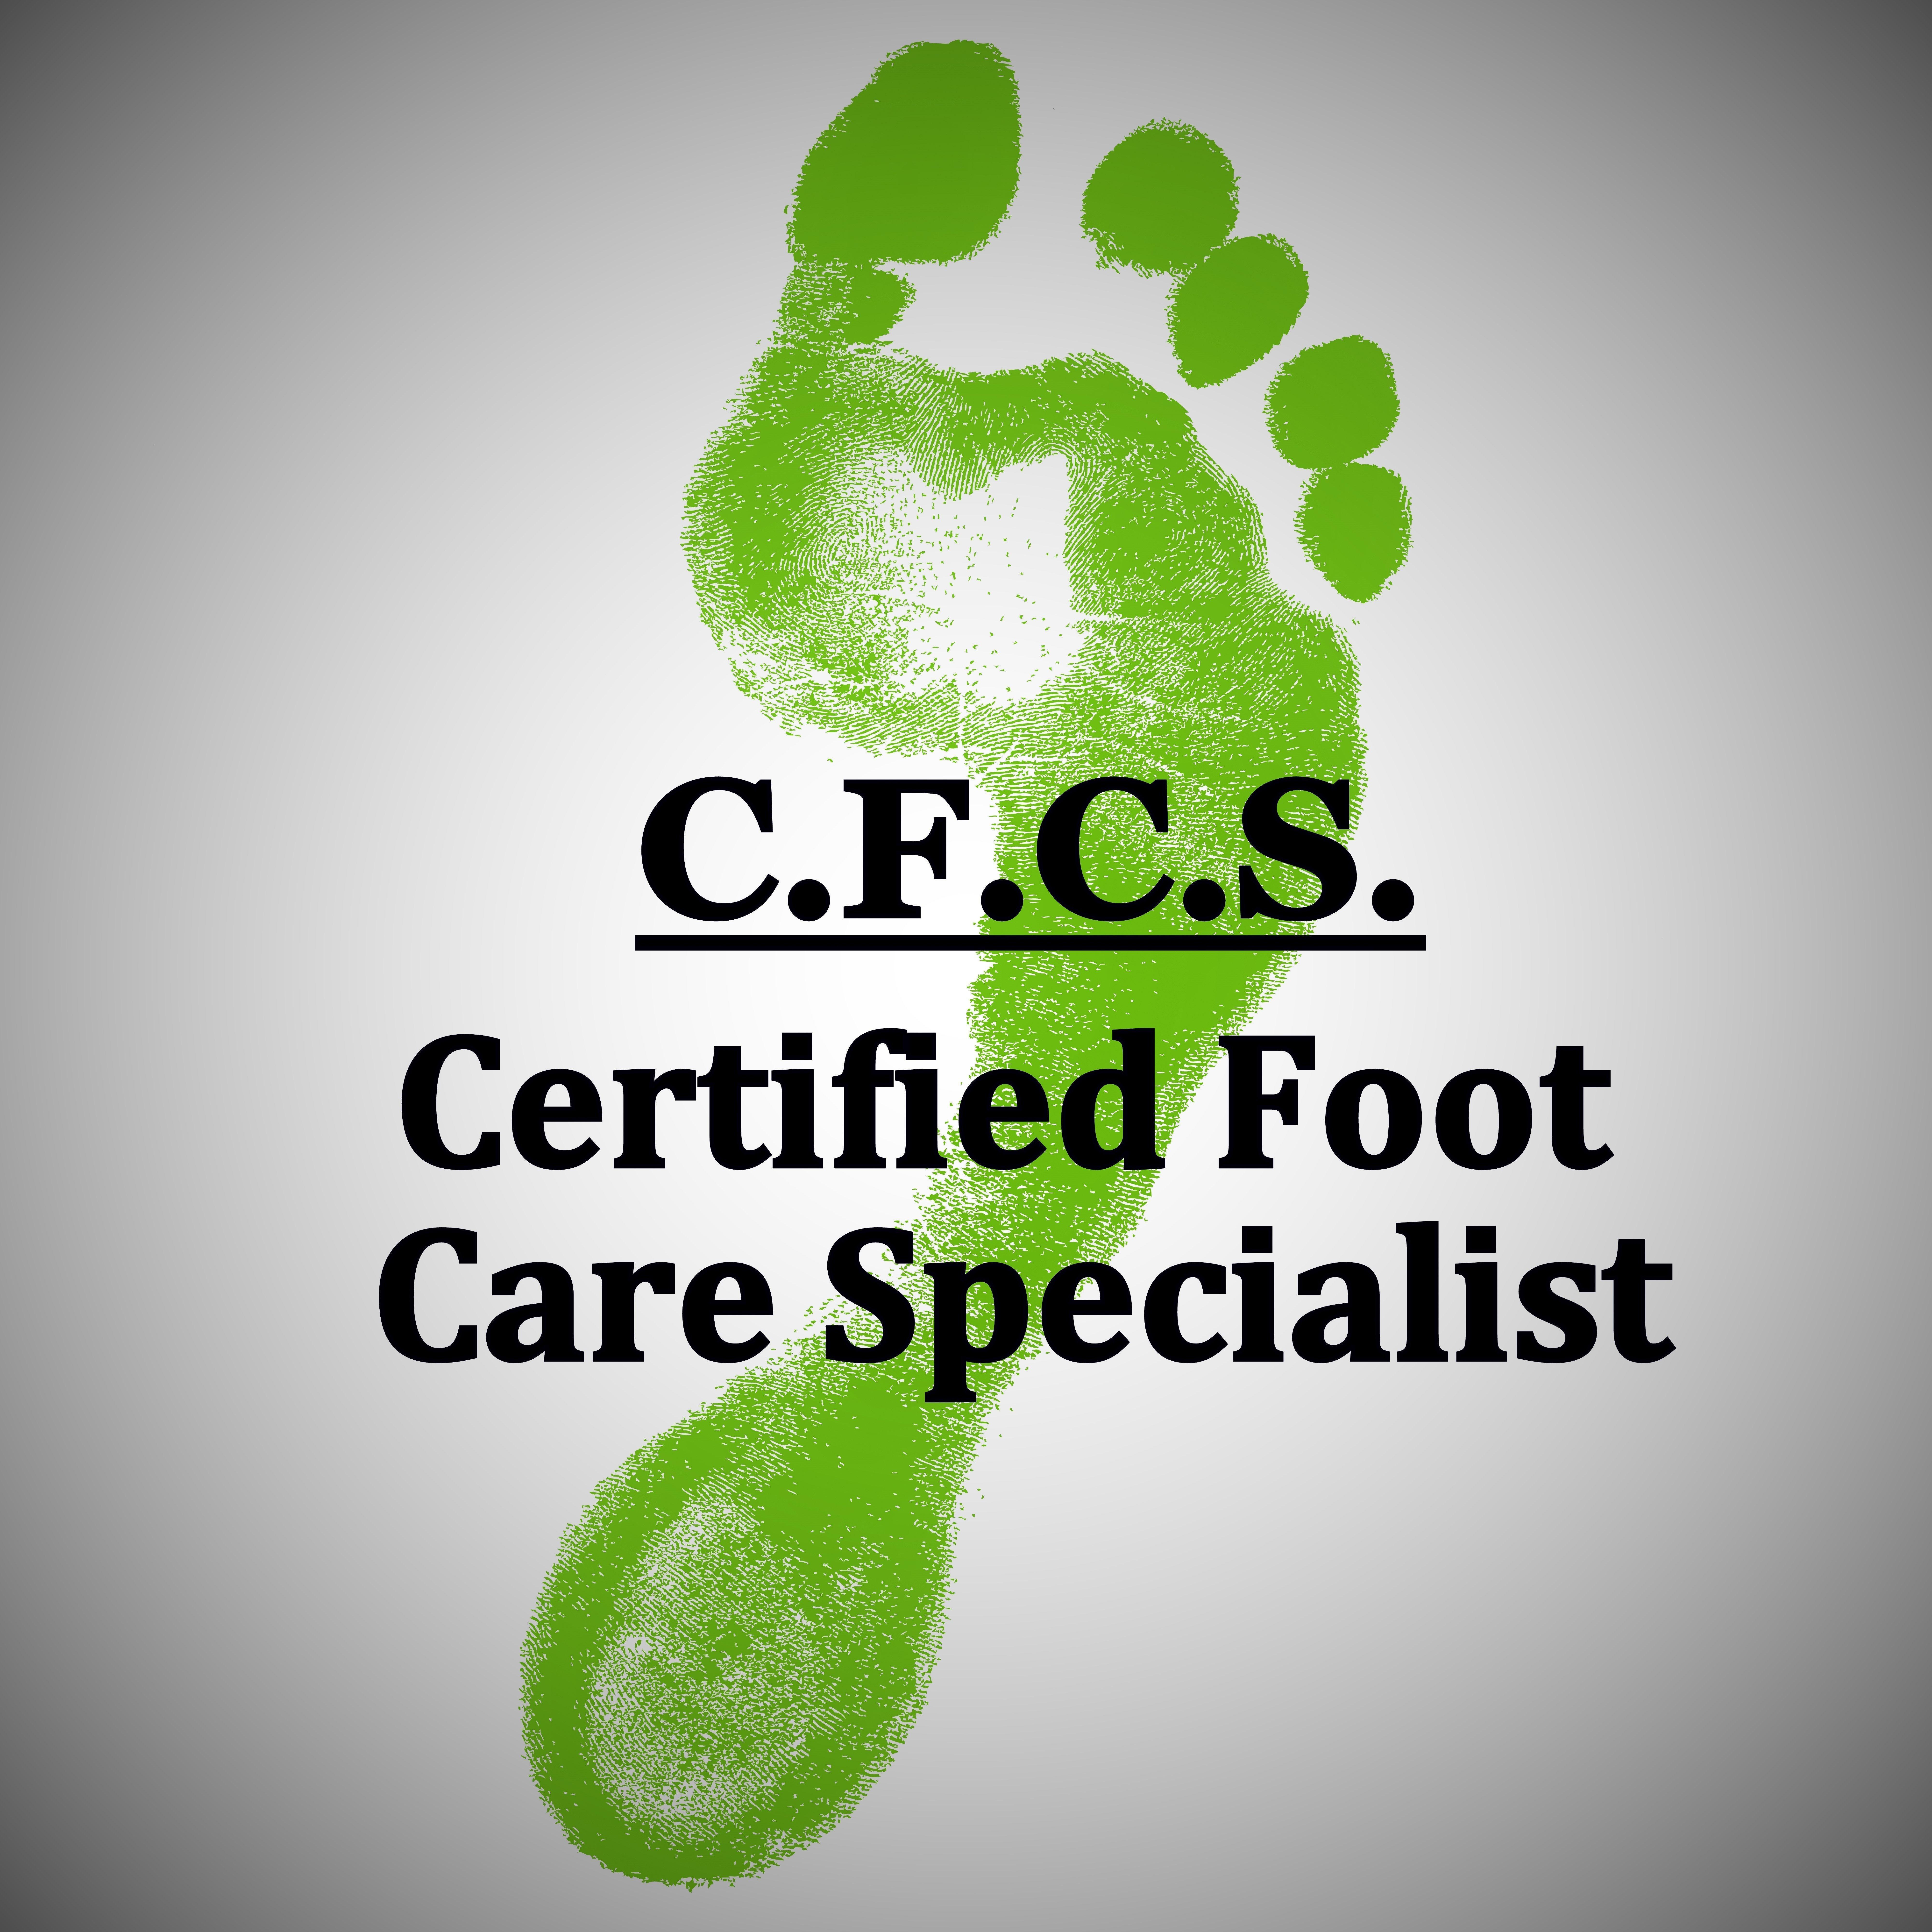 American Foot Care Nurses Association - Certification!!!